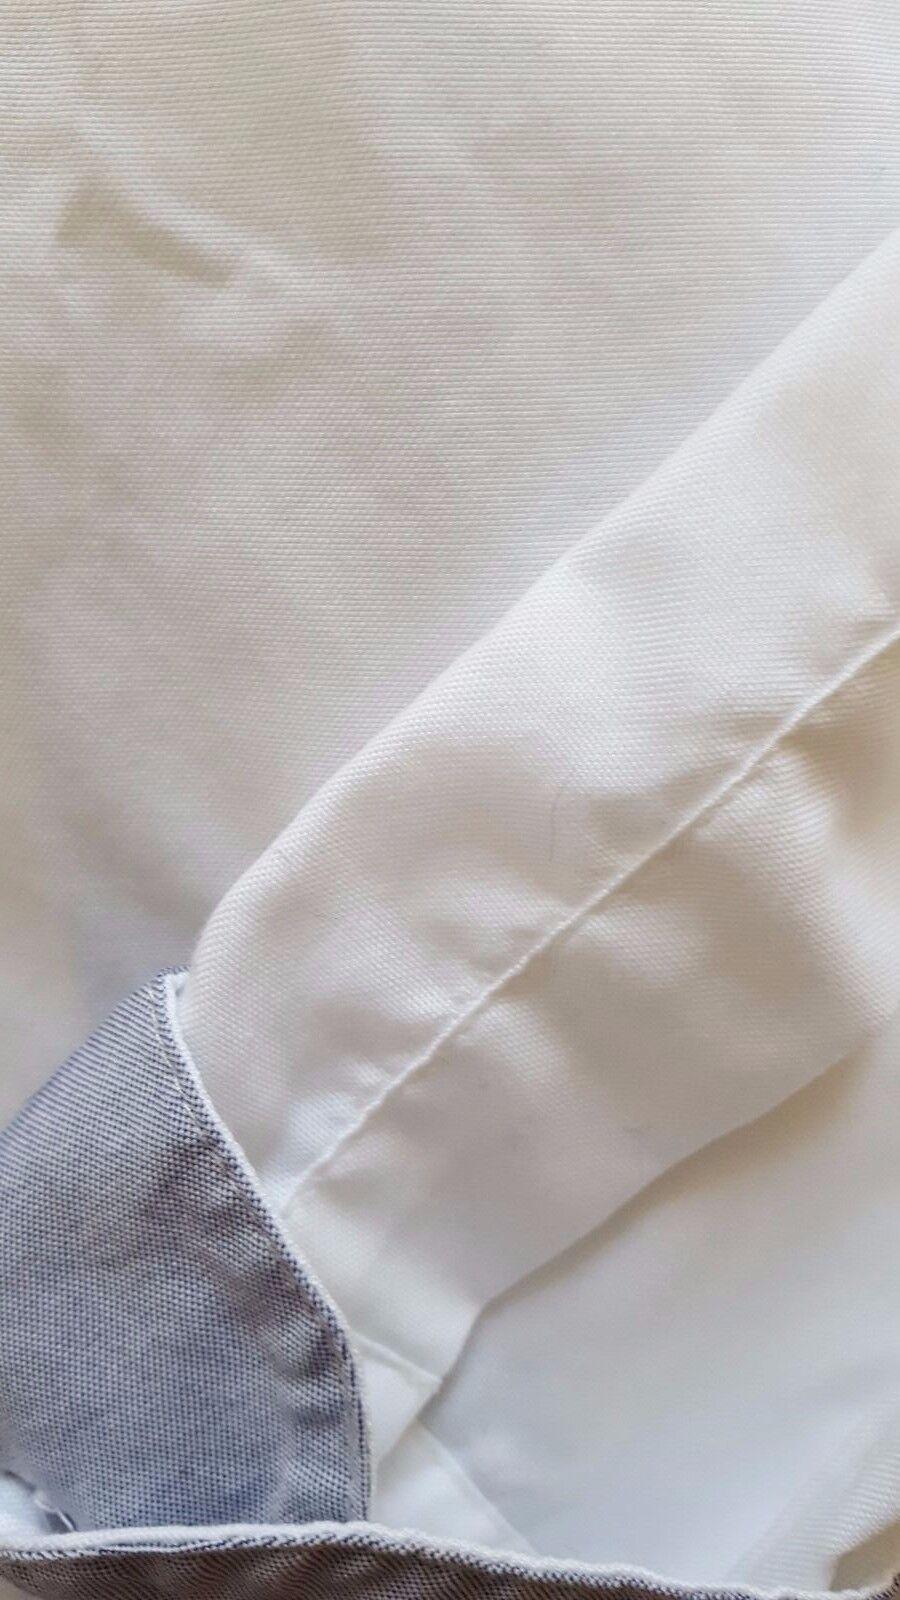 Aglini, Business Blause, Hemd, Baumwolle, Gr. 40, 40, 40, Neu mit Karton | Starke Hitze- und Abnutzungsbeständigkeit  0dd624